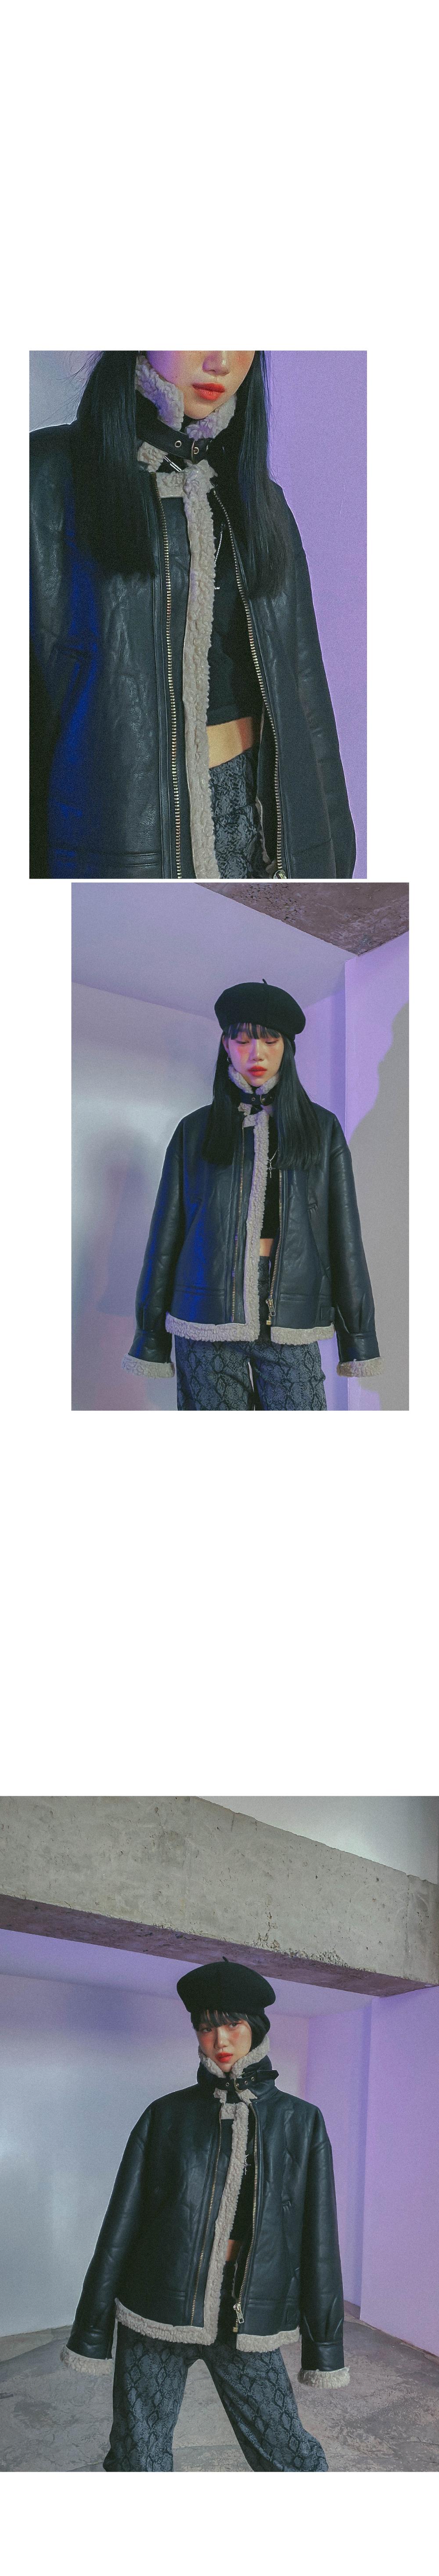 accessories blue color image-S1L7